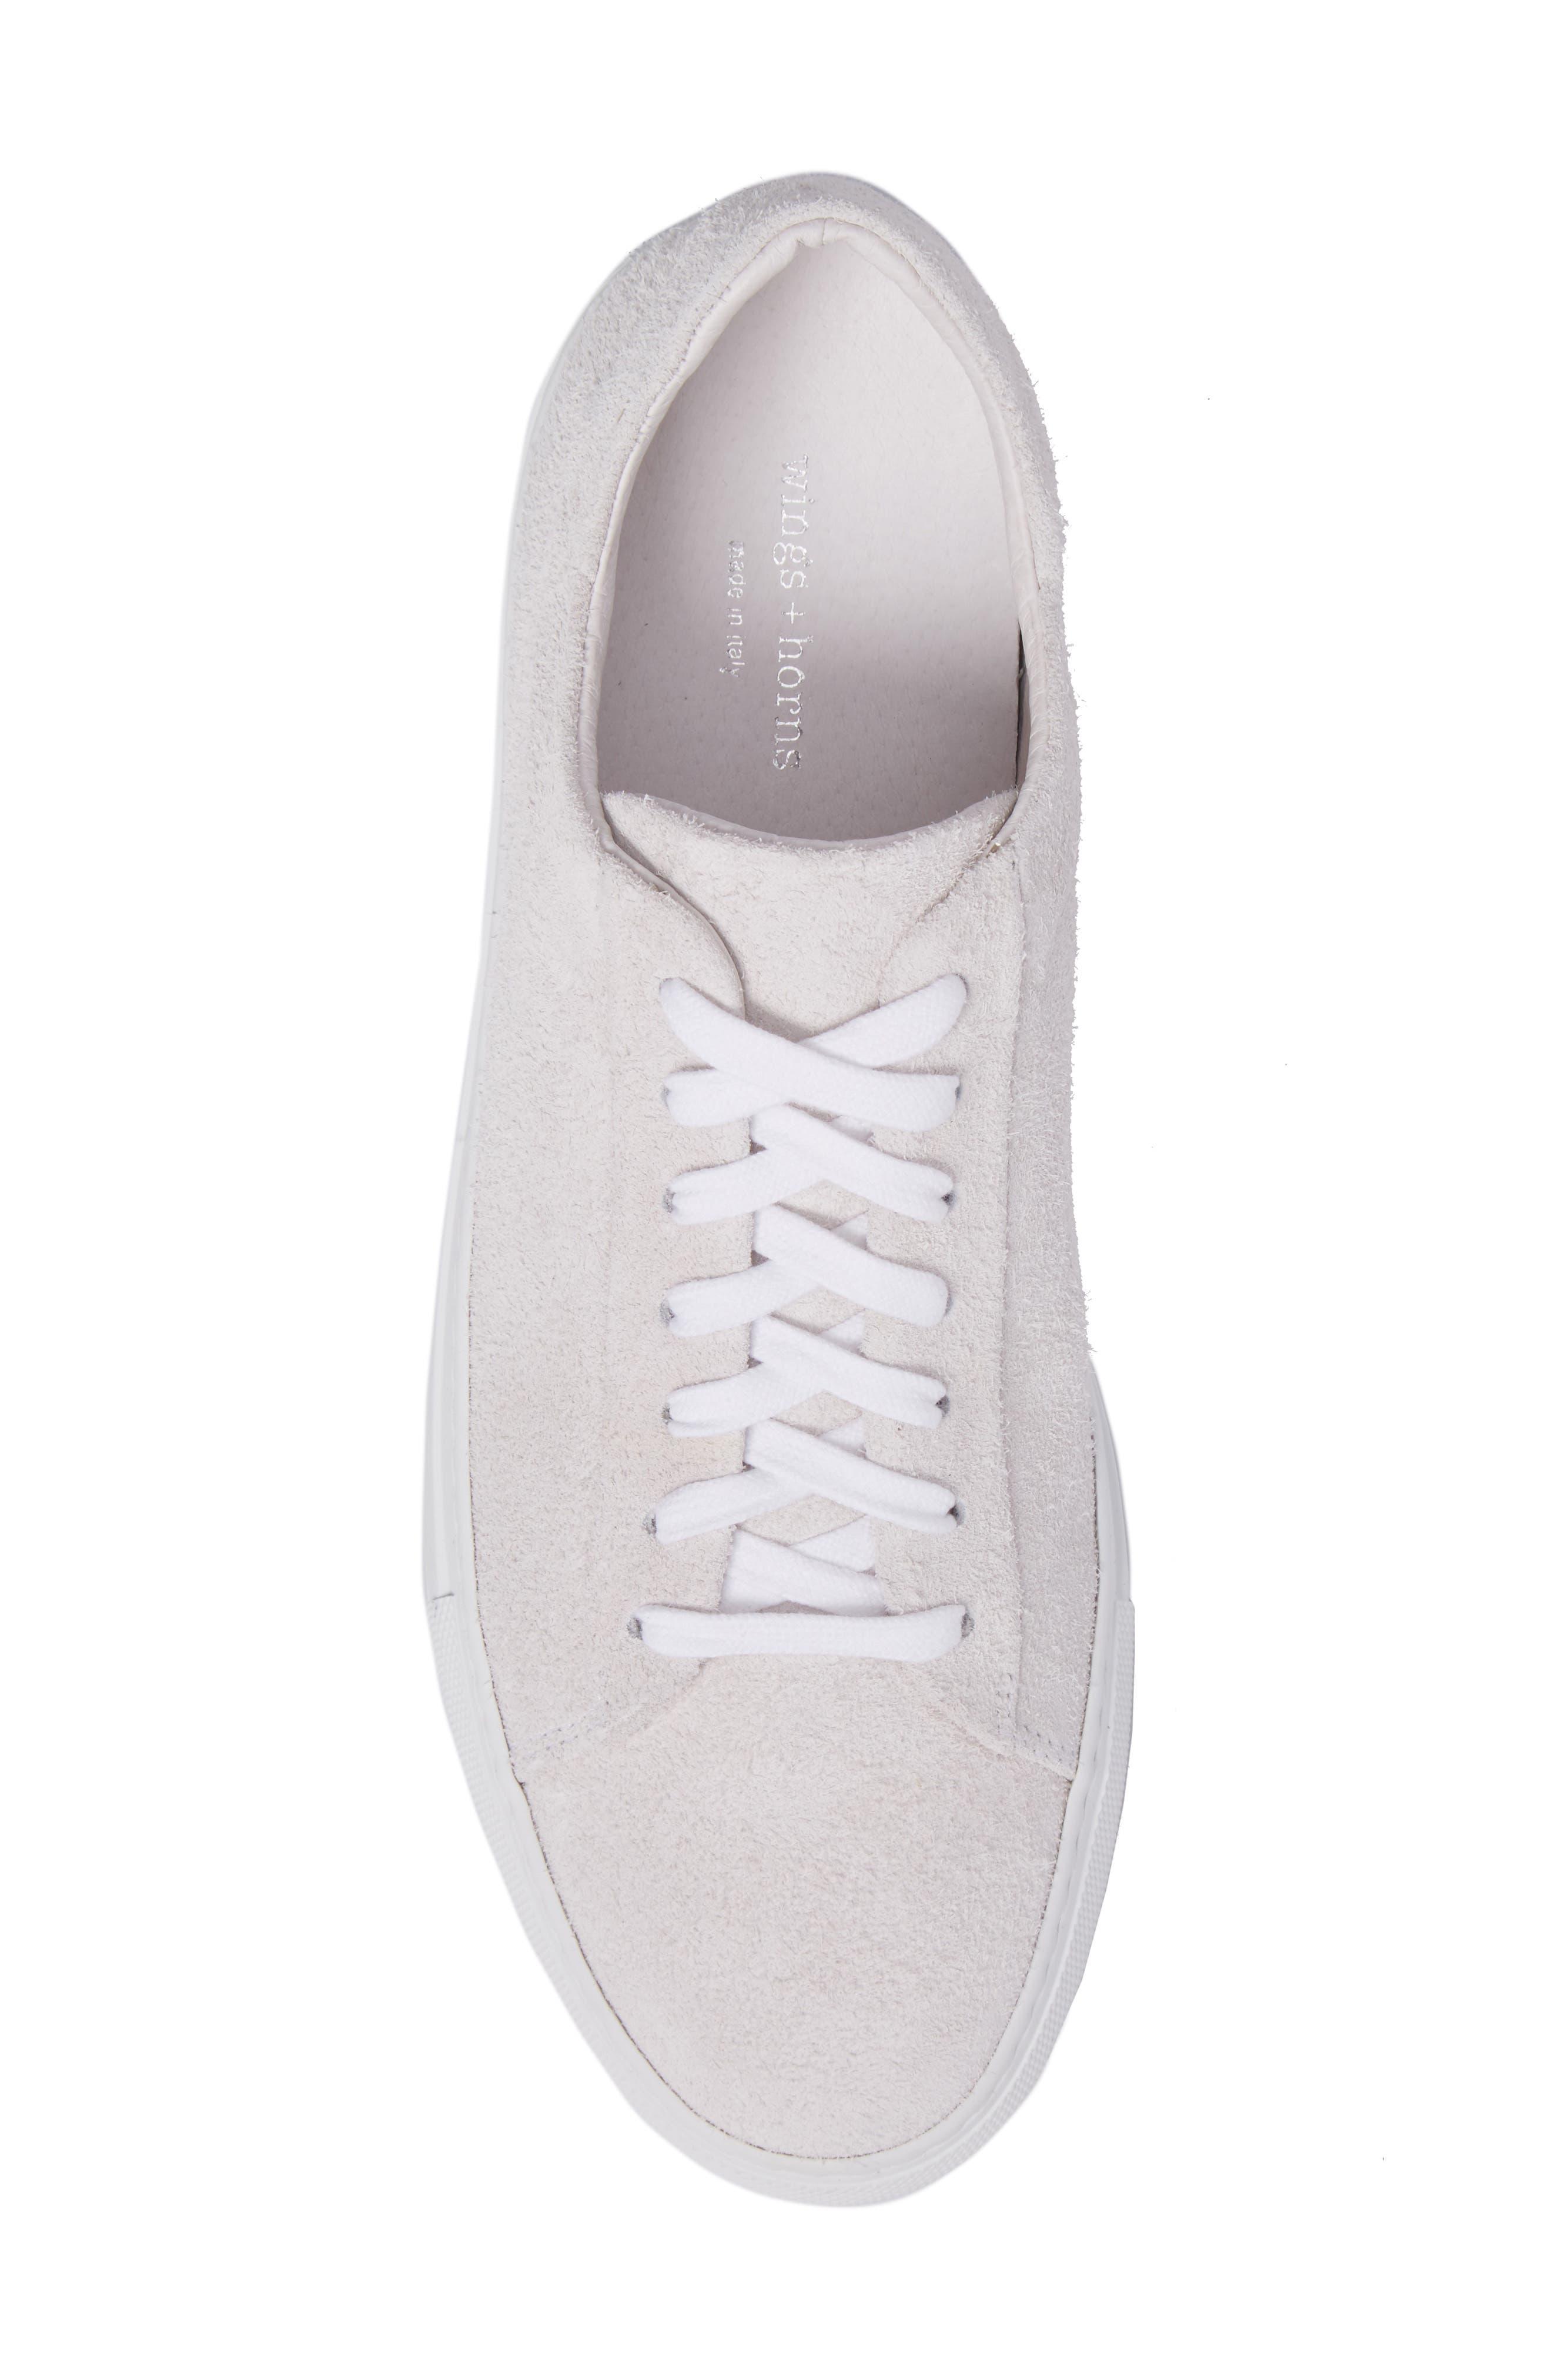 Court Sneaker,                             Alternate thumbnail 5, color,                             113